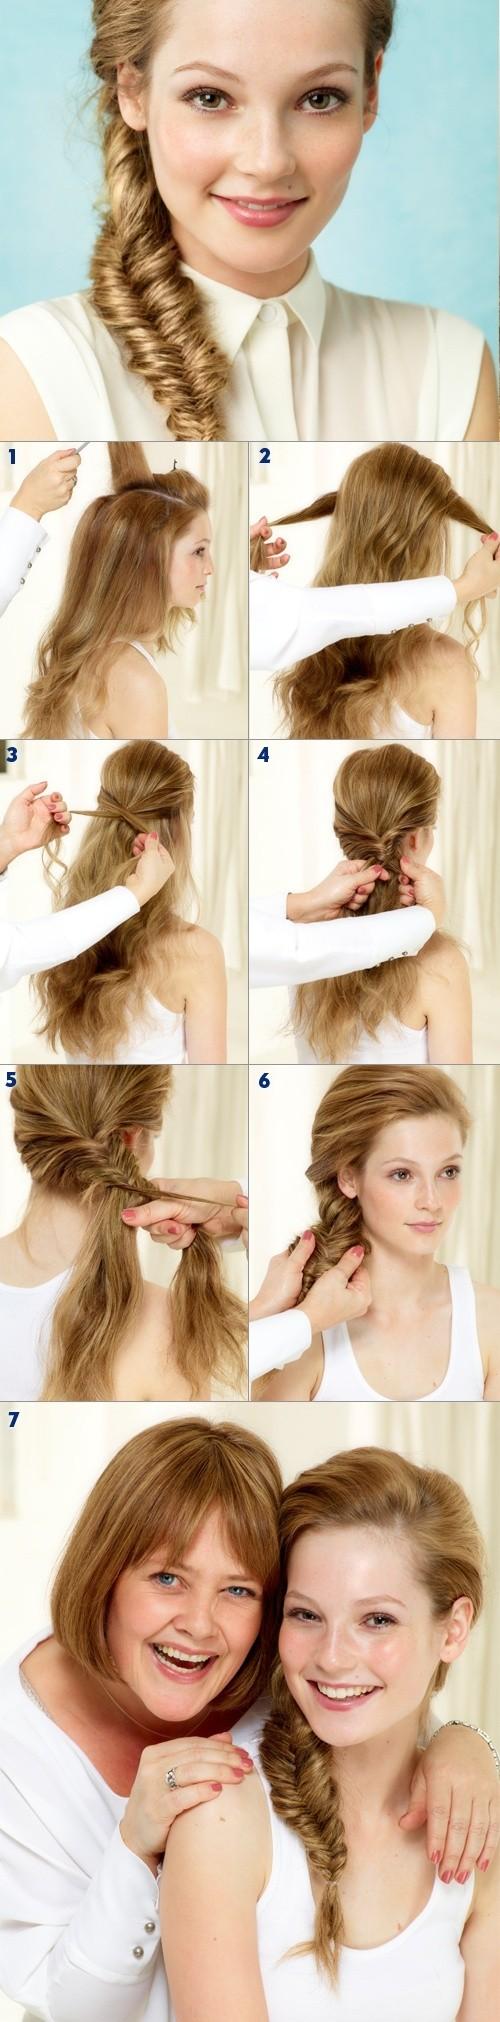 Excellent 10 French Braids Hairstyles Tutorials Everyday Hair Styles Short Hairstyles Gunalazisus